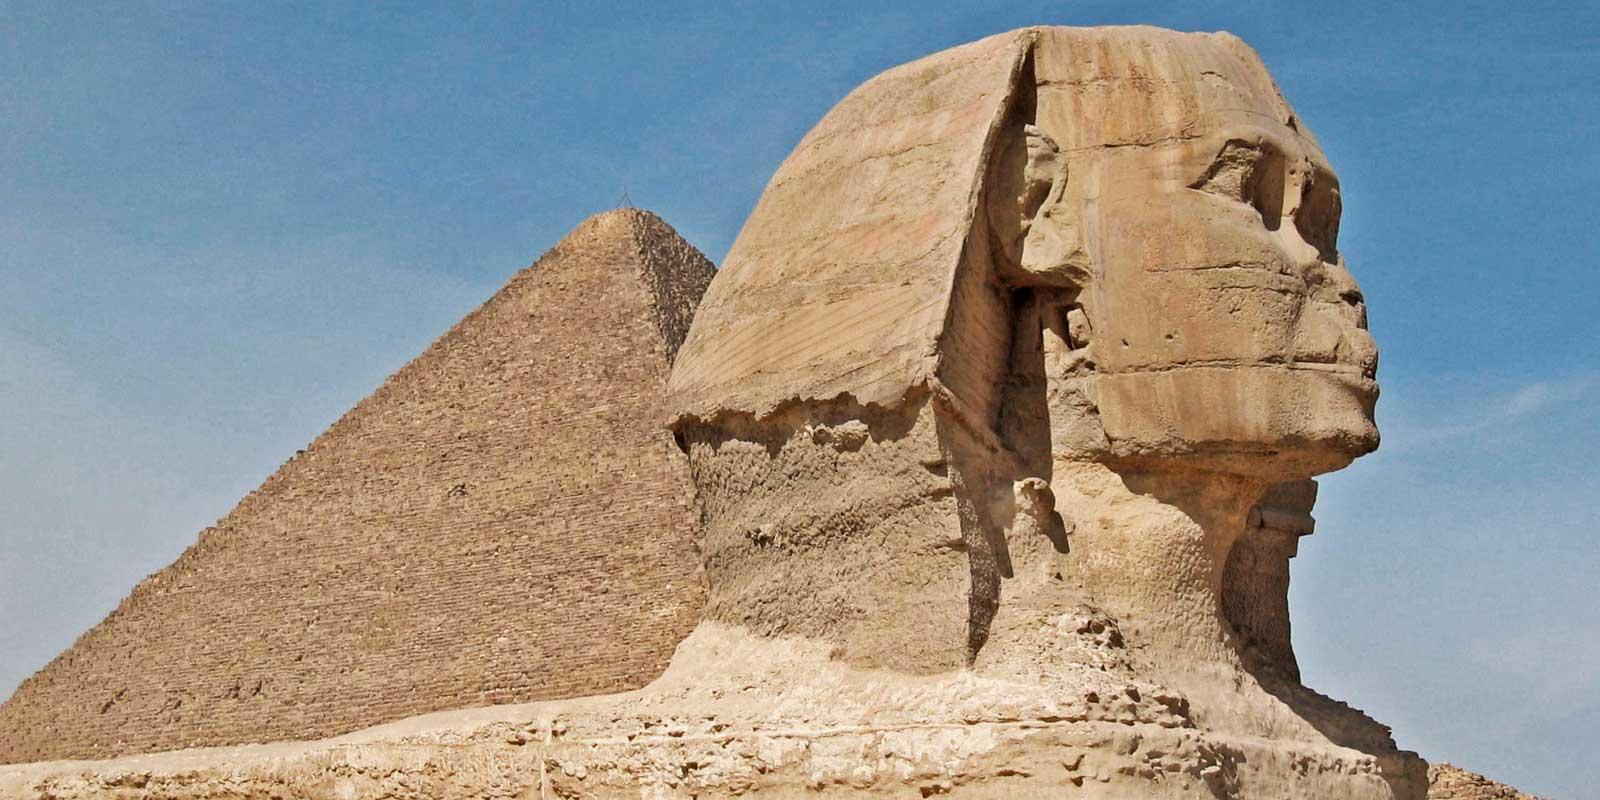 OCOA_TRAVEL_EGYPTO_2021_16